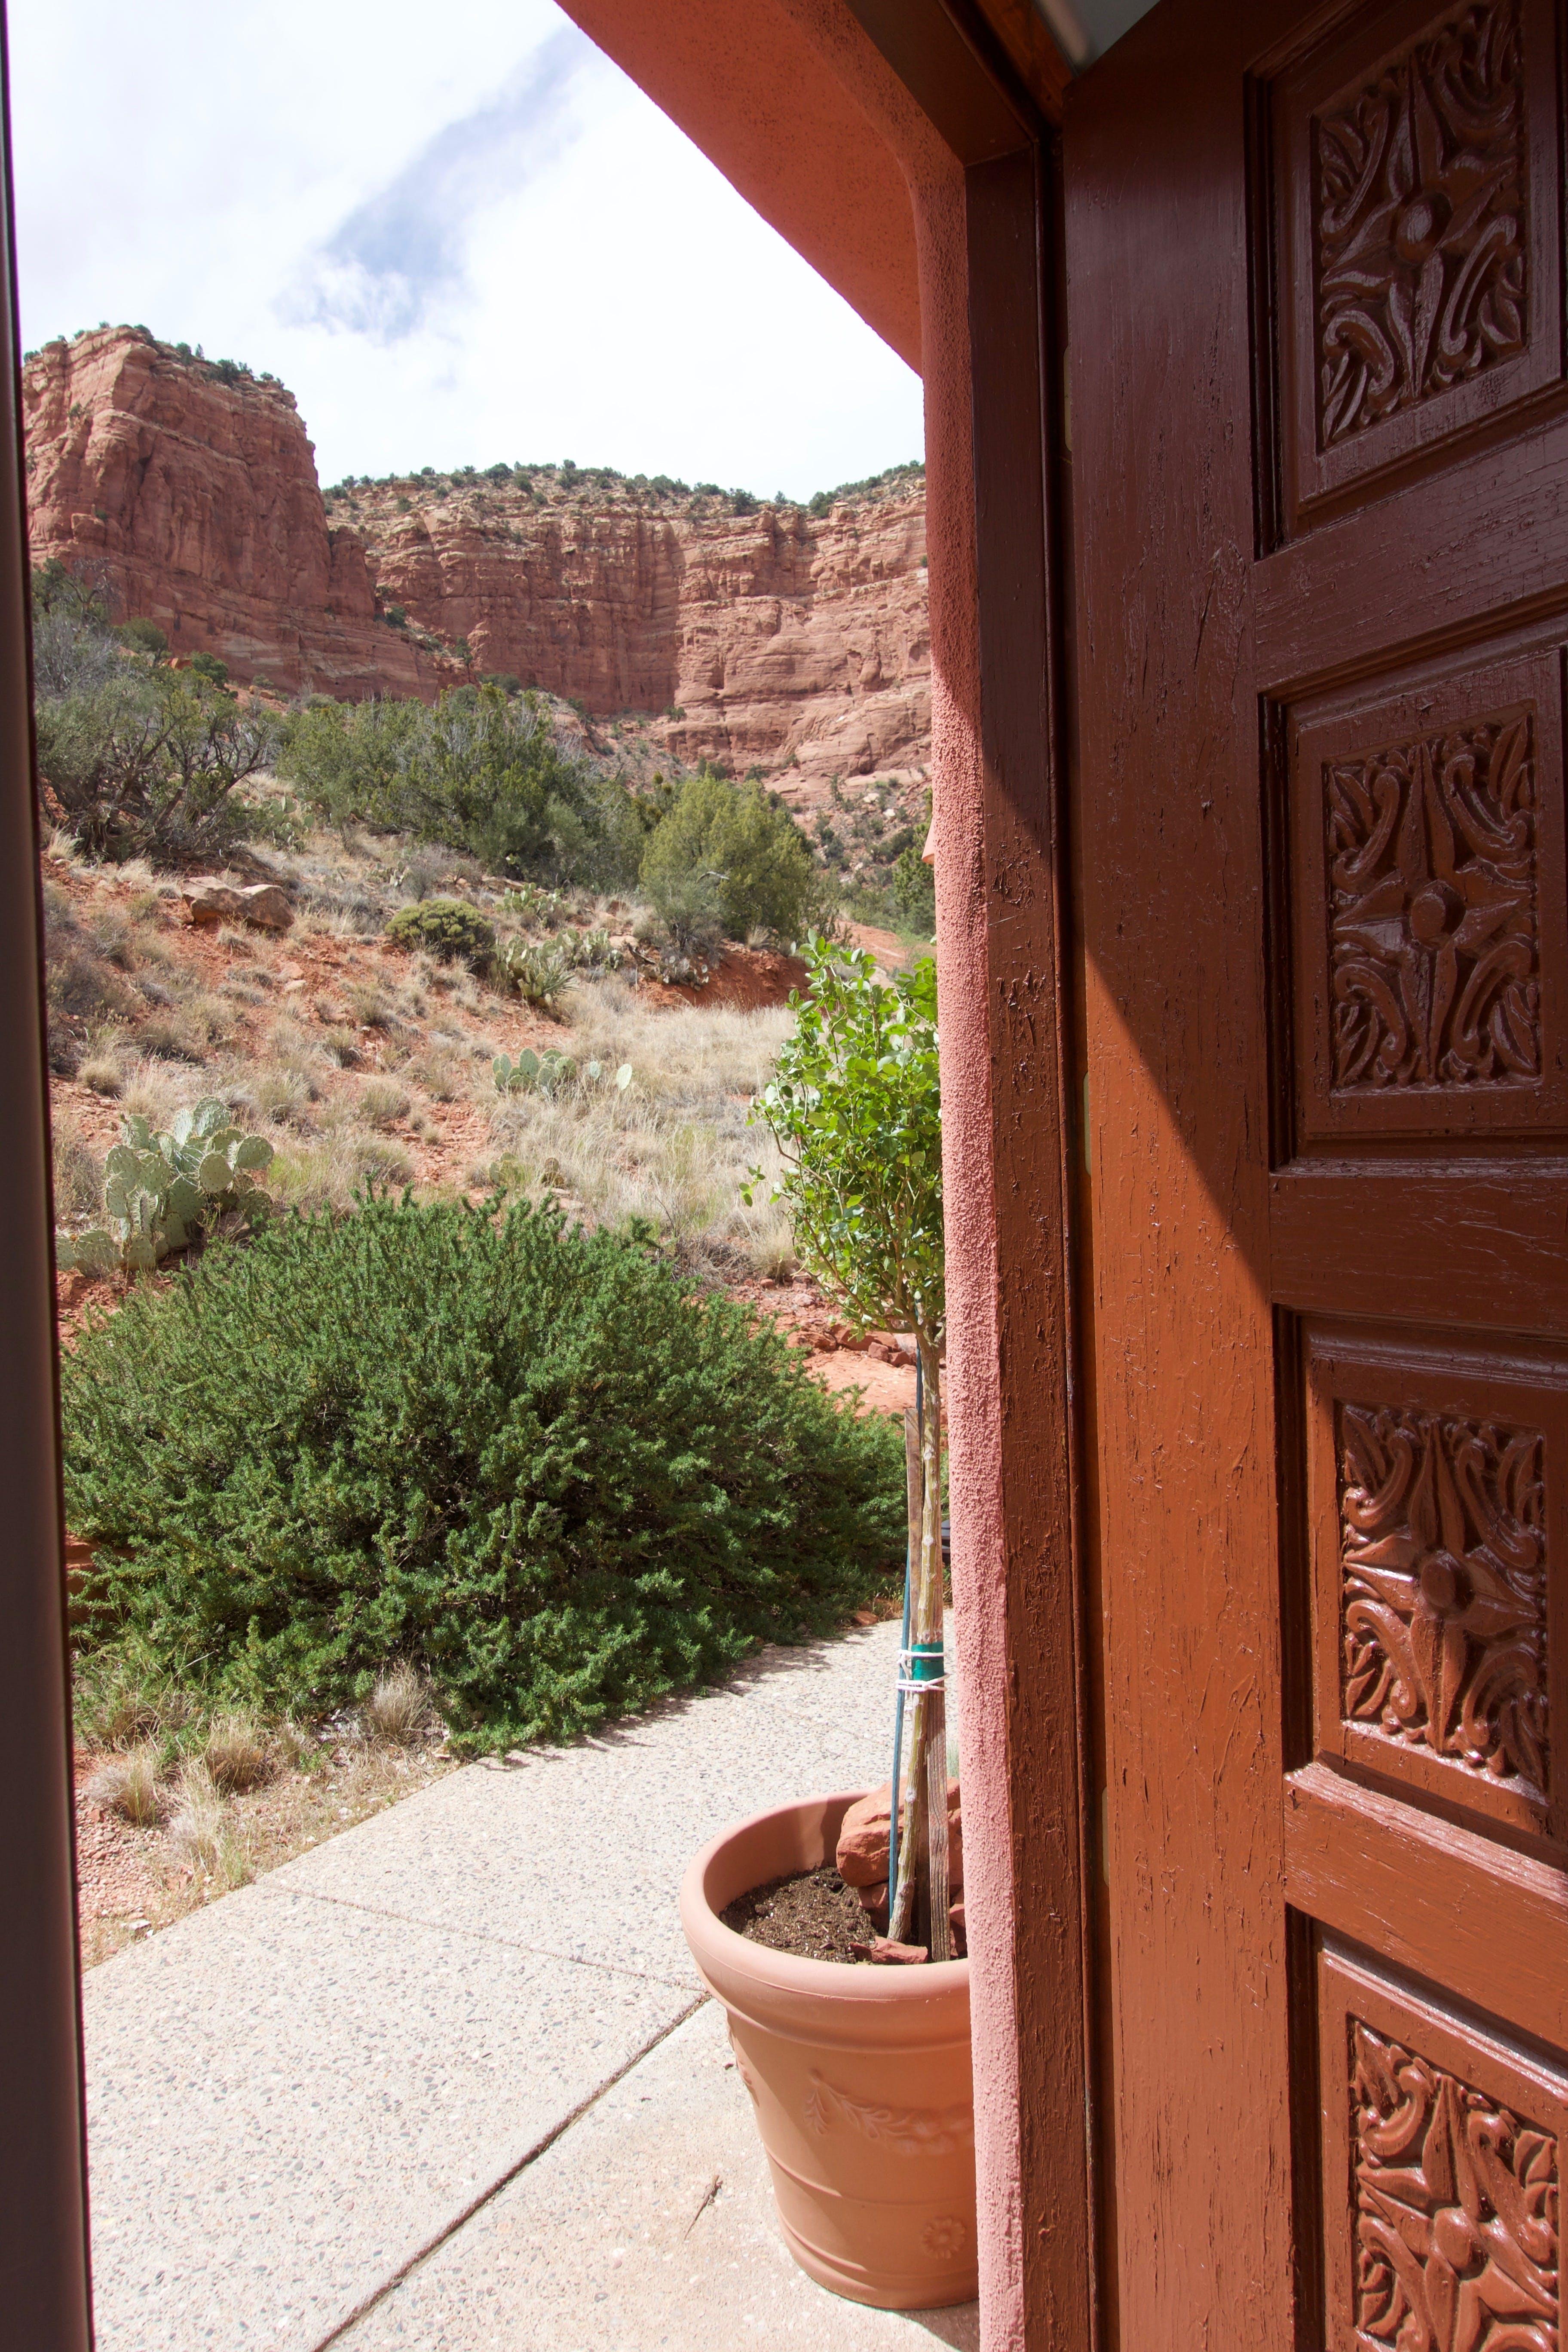 Free stock photo of desert, dimension, door, doorway